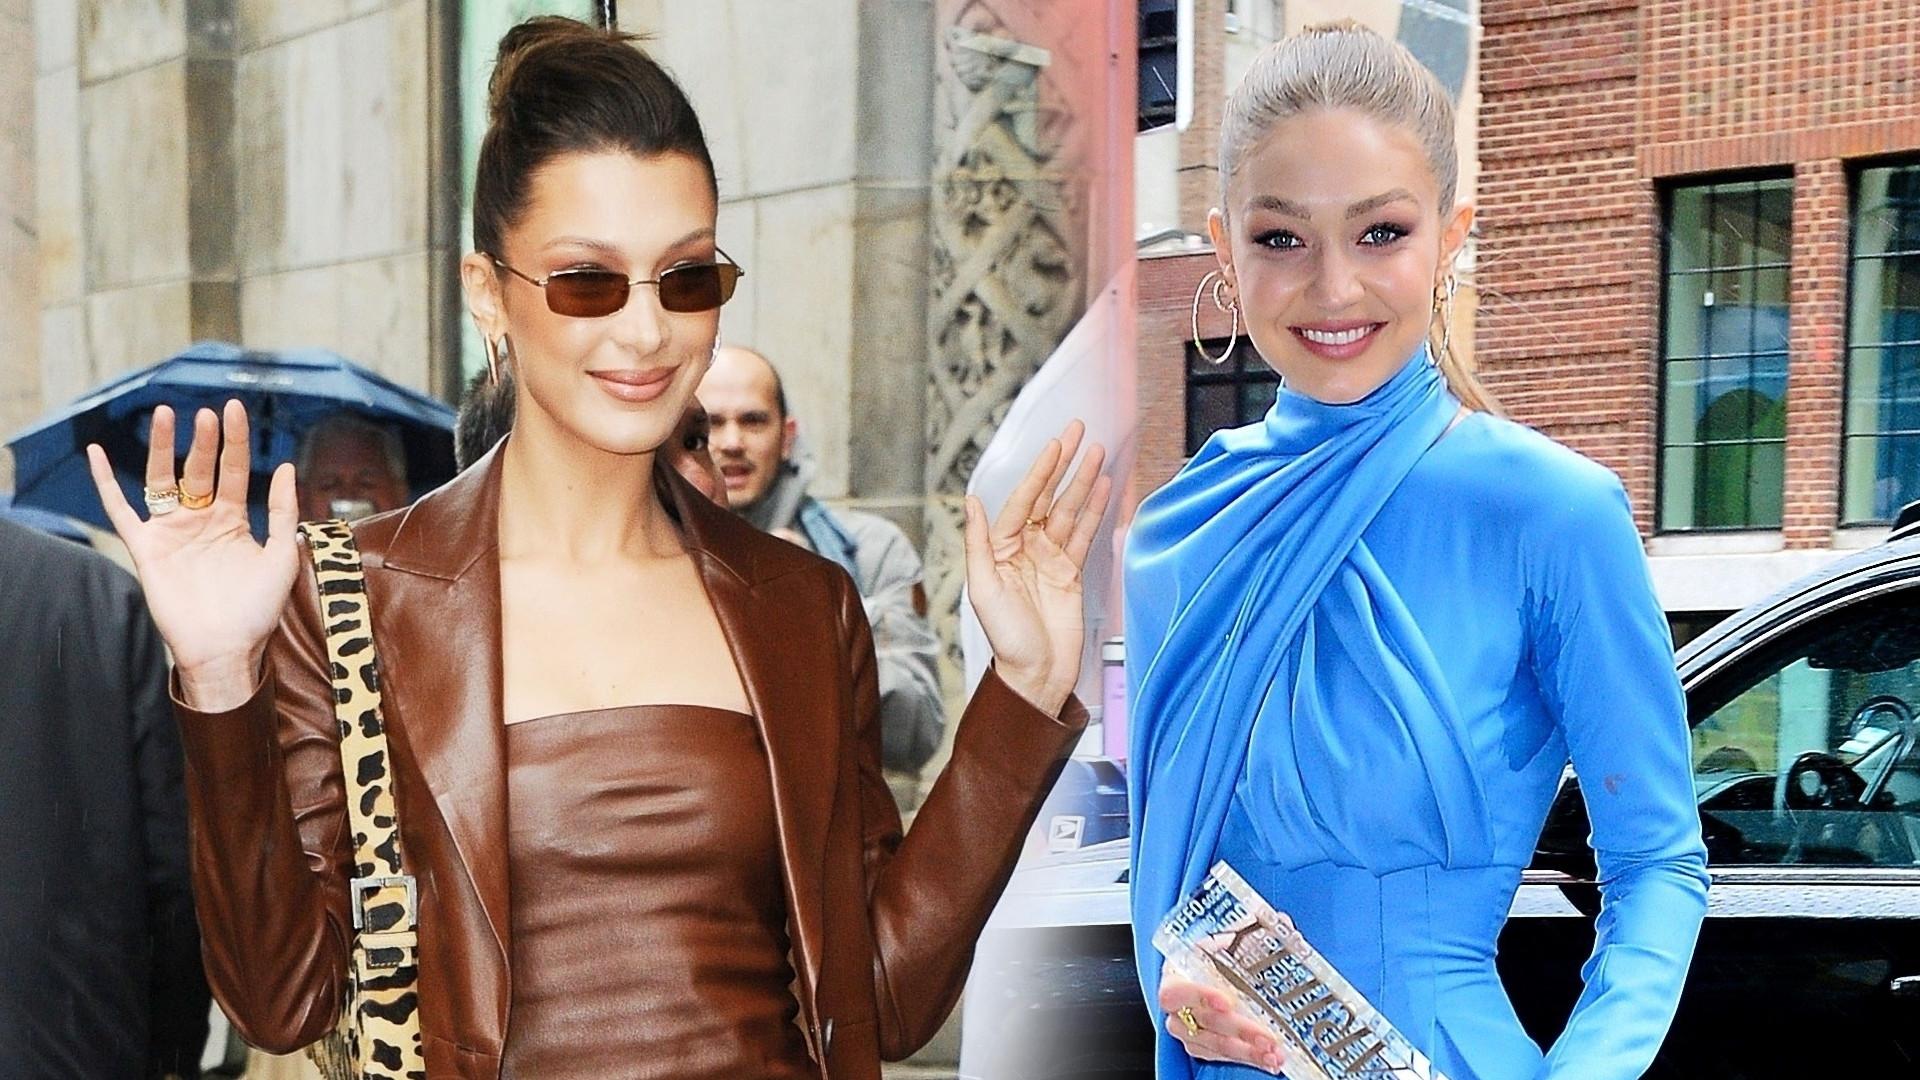 Gigi Hadid w tym kombinezonie wyglądała lepiej niż modelka na wybiegu (ZDJĘCIA)